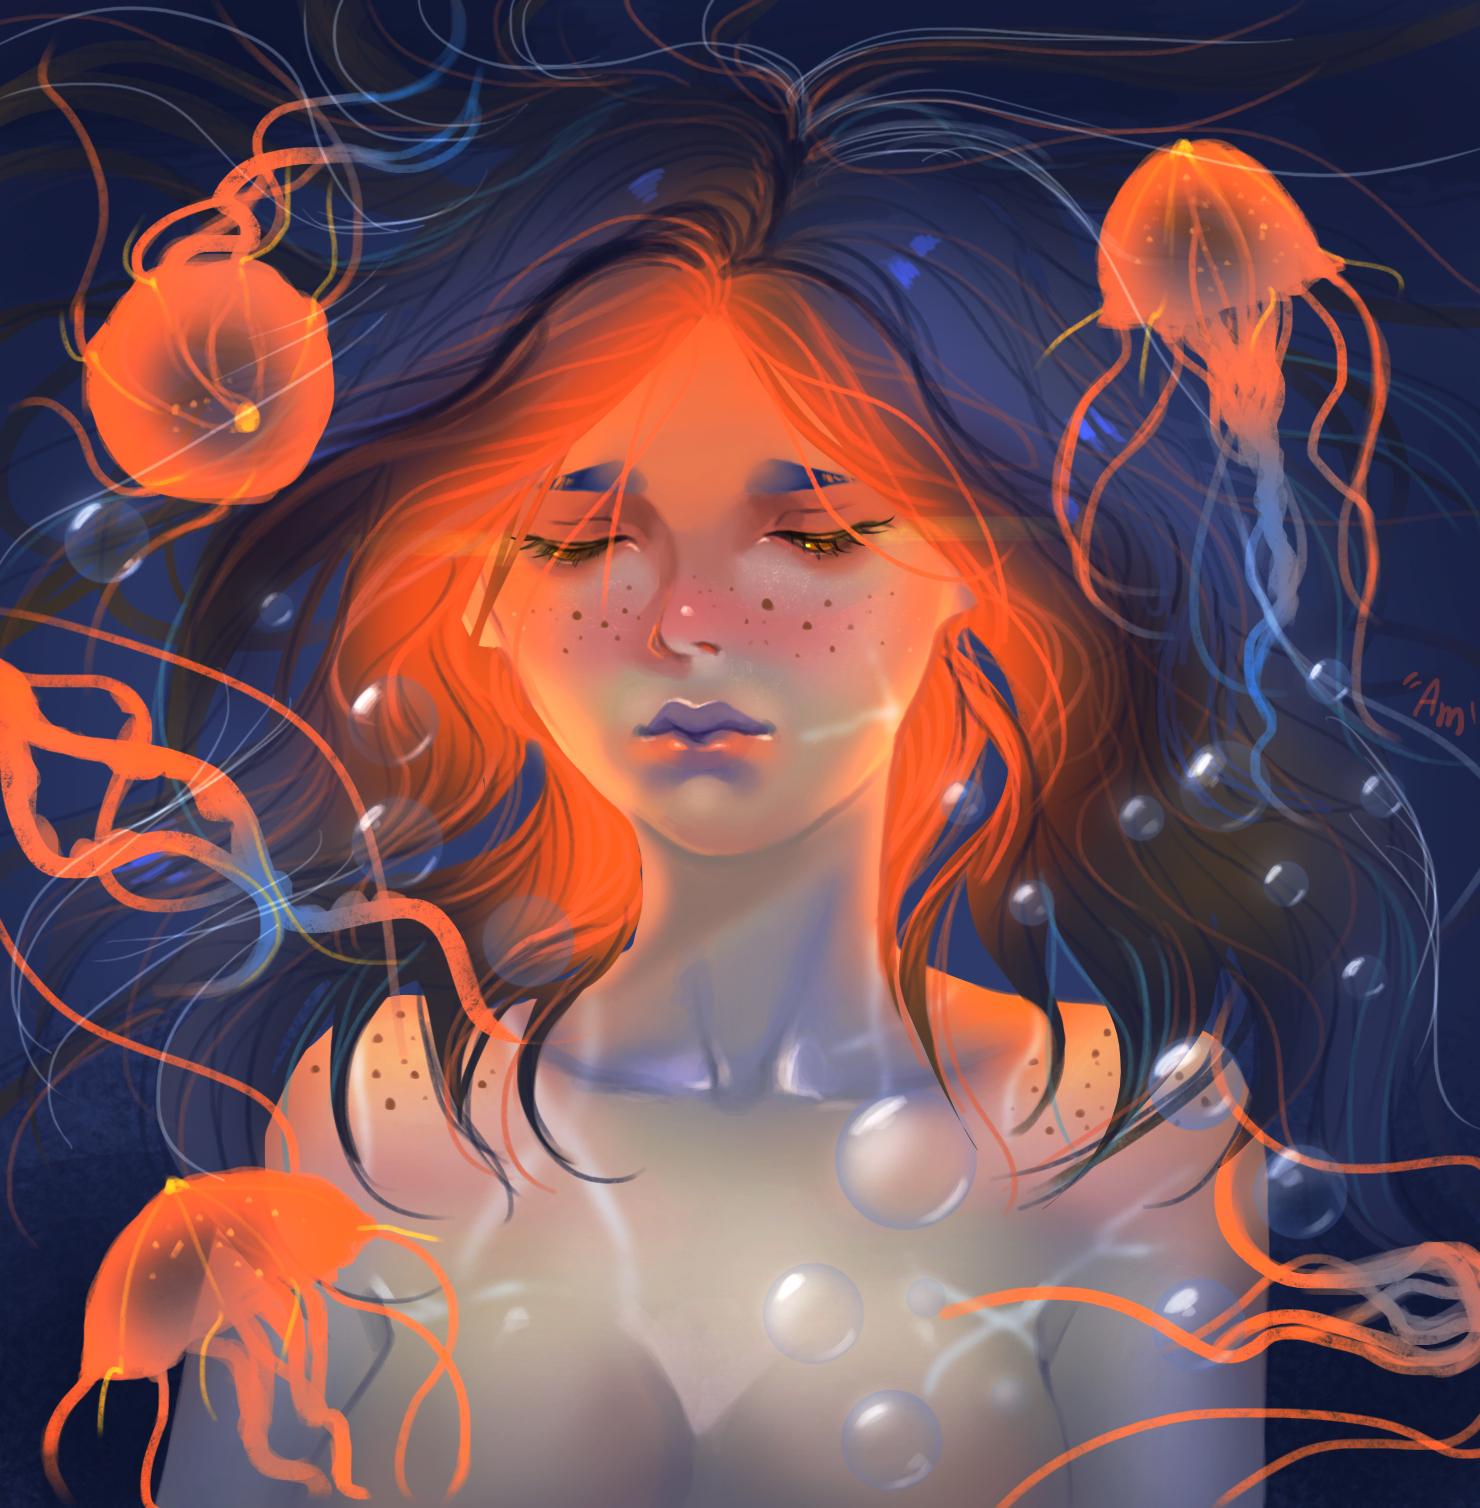 Фото Девушка в окружении медуз под водой, by AmeDvleec